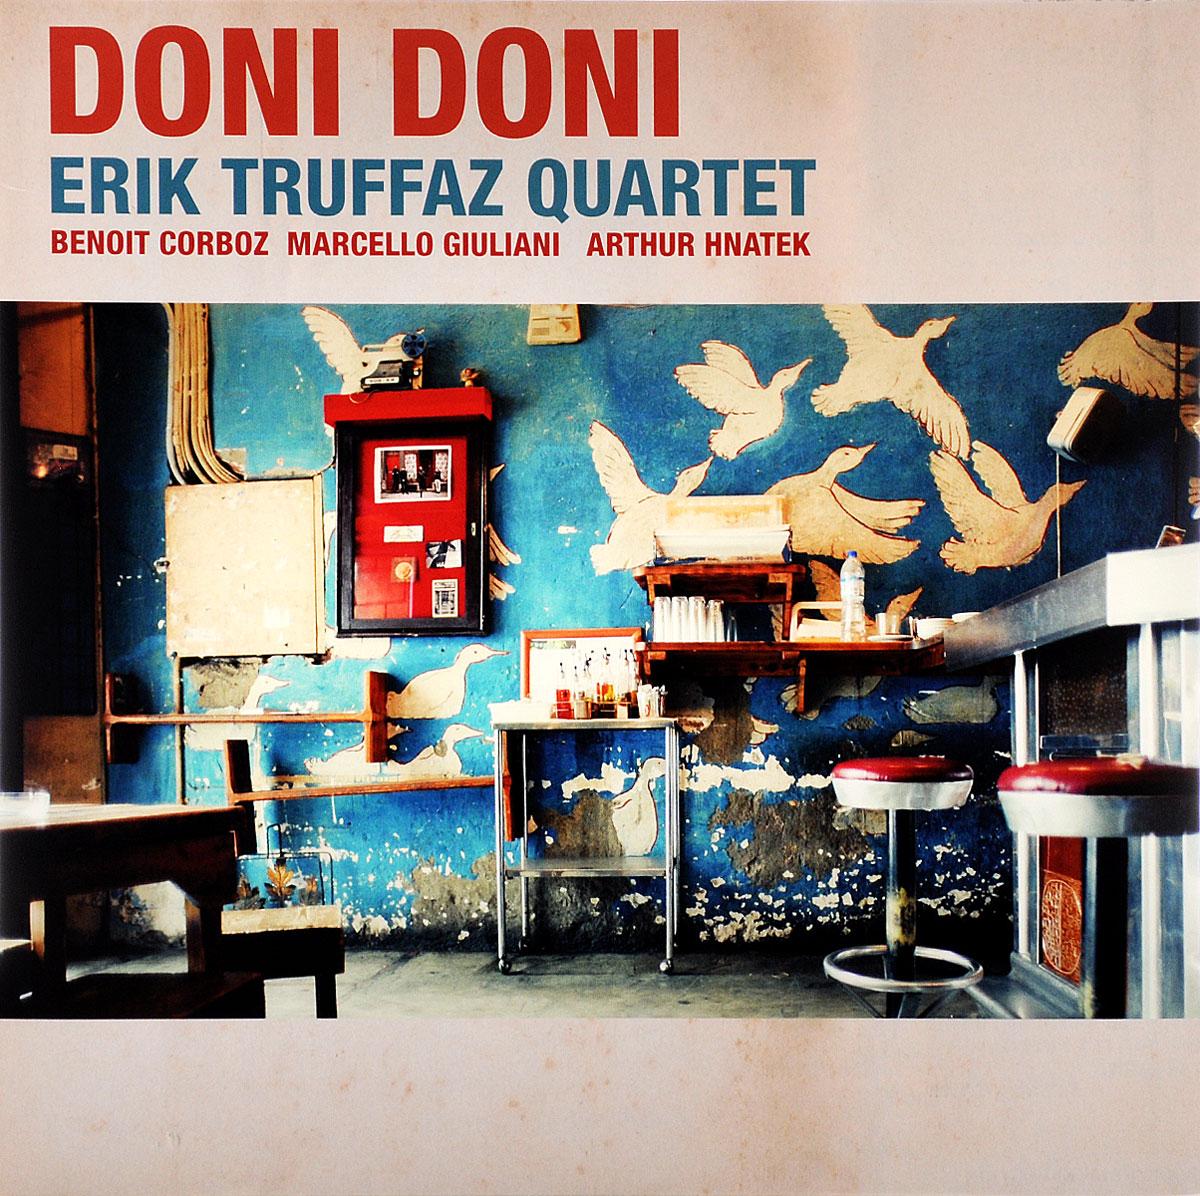 Erik Truffaz Quartet Erik Truffaz Quartet. Doni Doni (LP) dana erik fables fantastiques livre 6